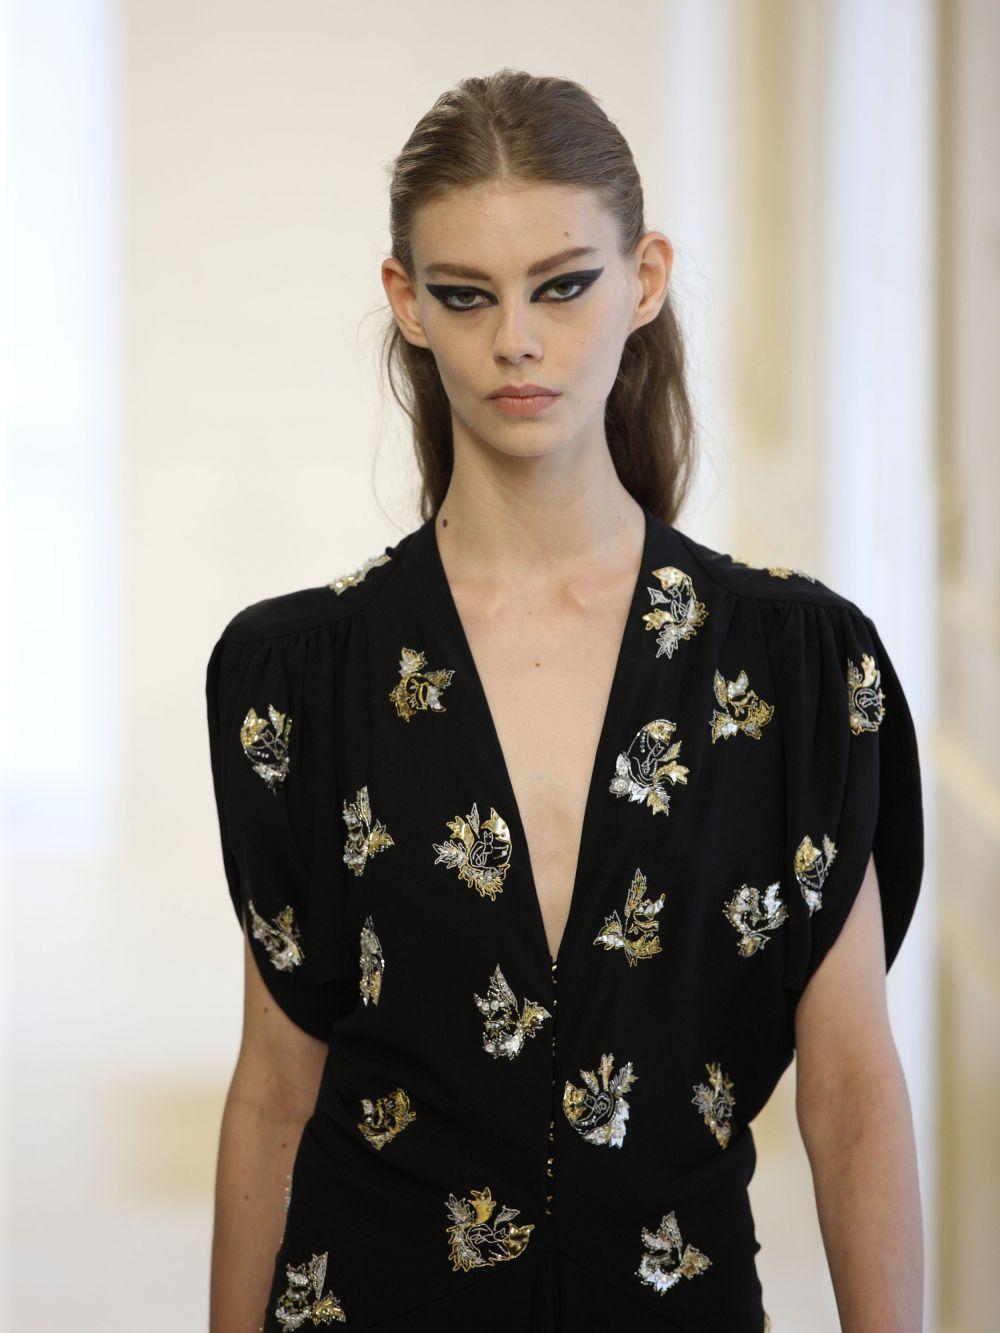 Над этим платьем поработали Серж Рафье и Люси Мейер, которые тоже являются частью бренда Кристиан Диор